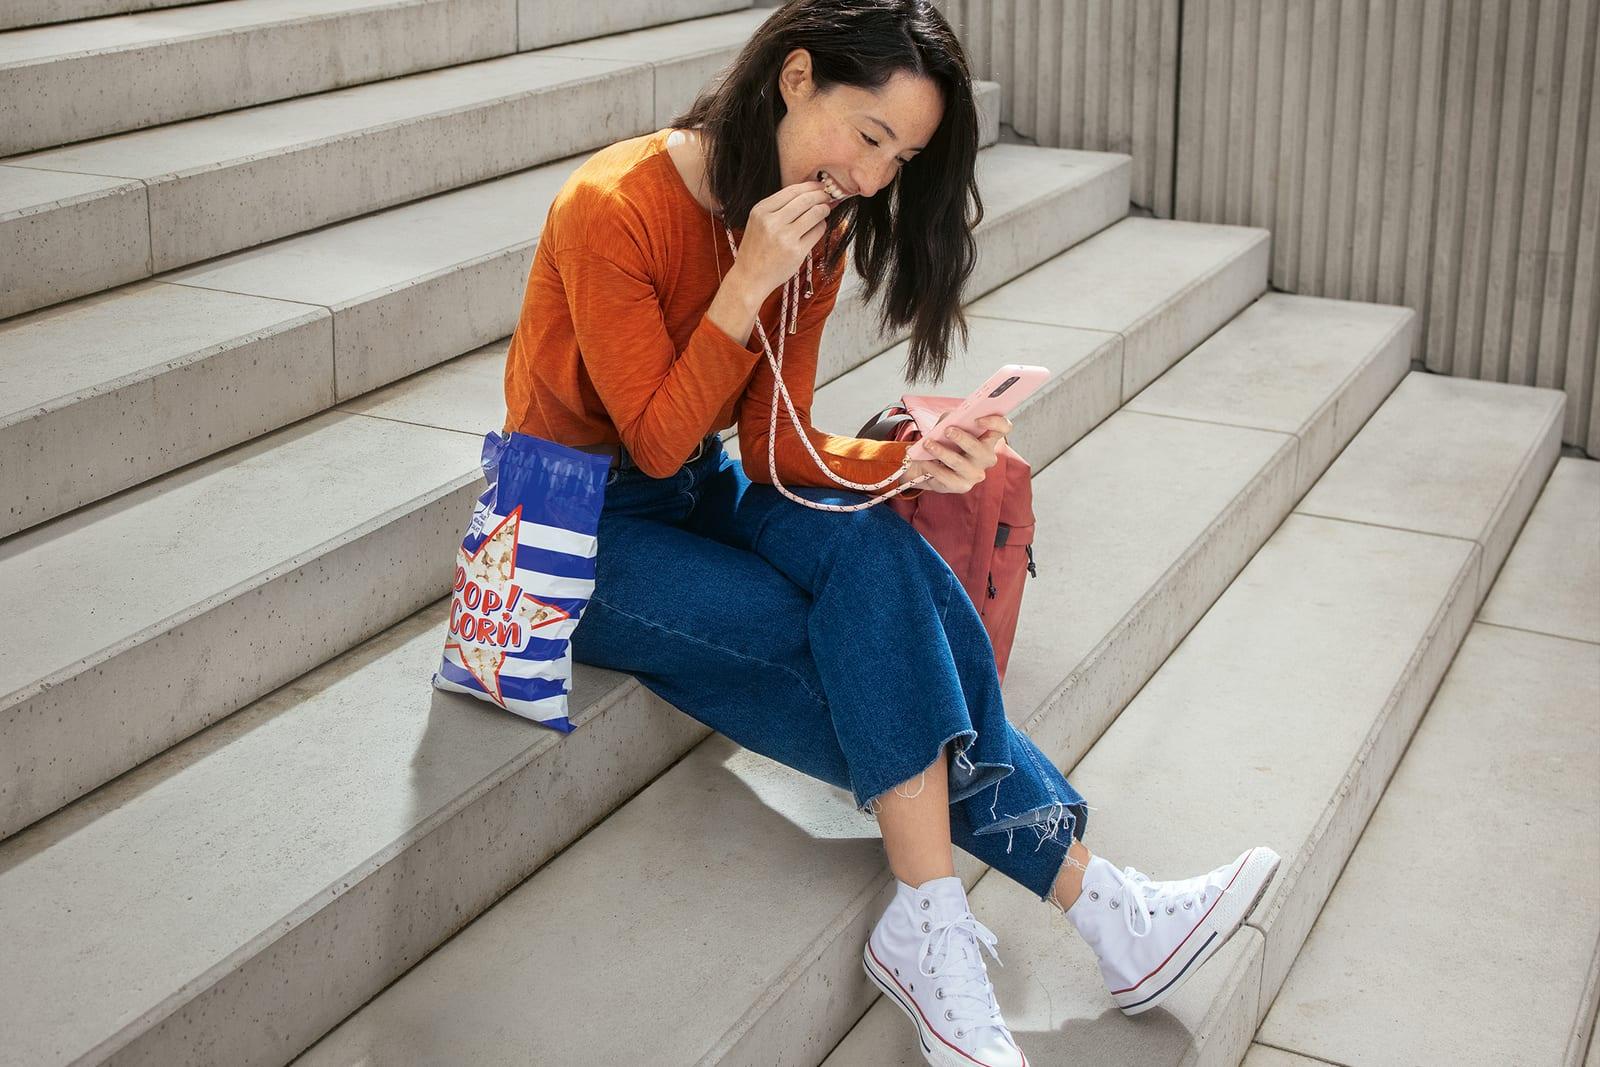 Frau sitzt auf Treppe mit Mobiletelefon in der Hand und isst Popcorn